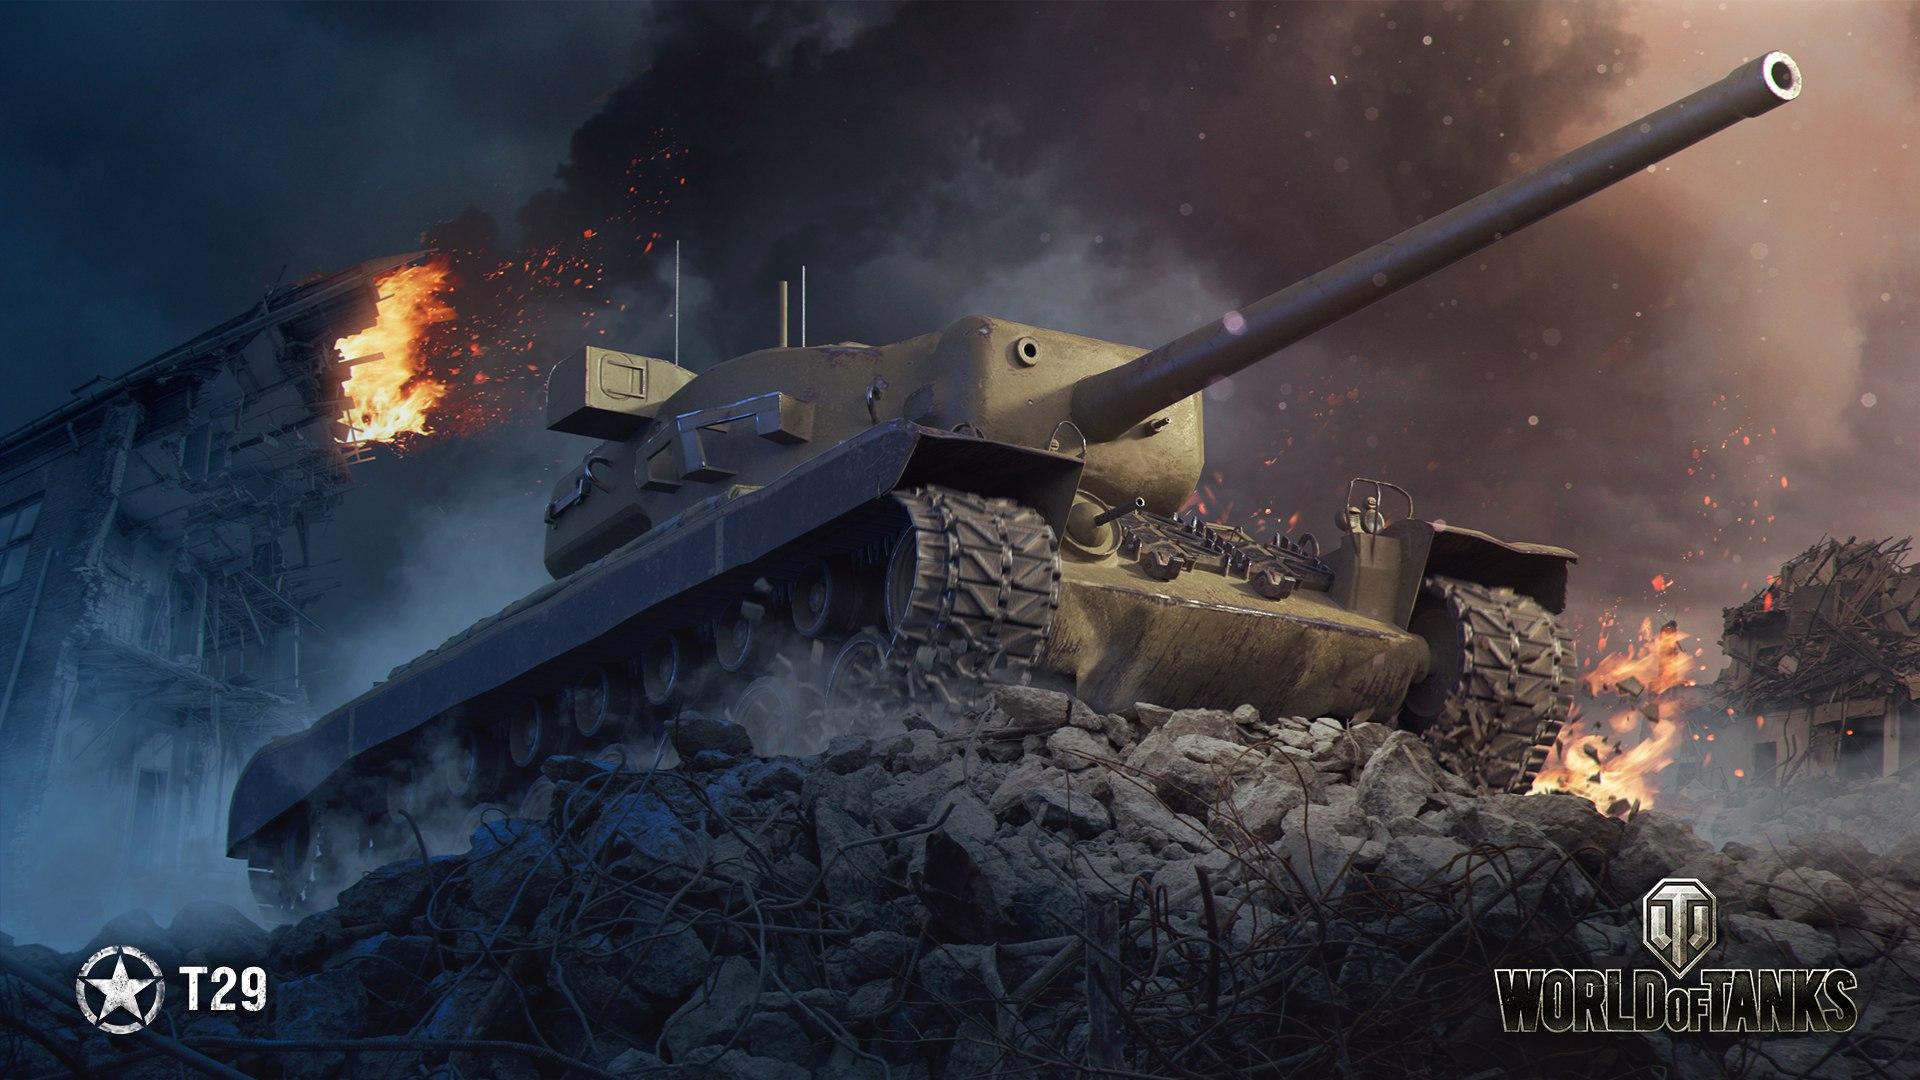 рисунок US Army T29